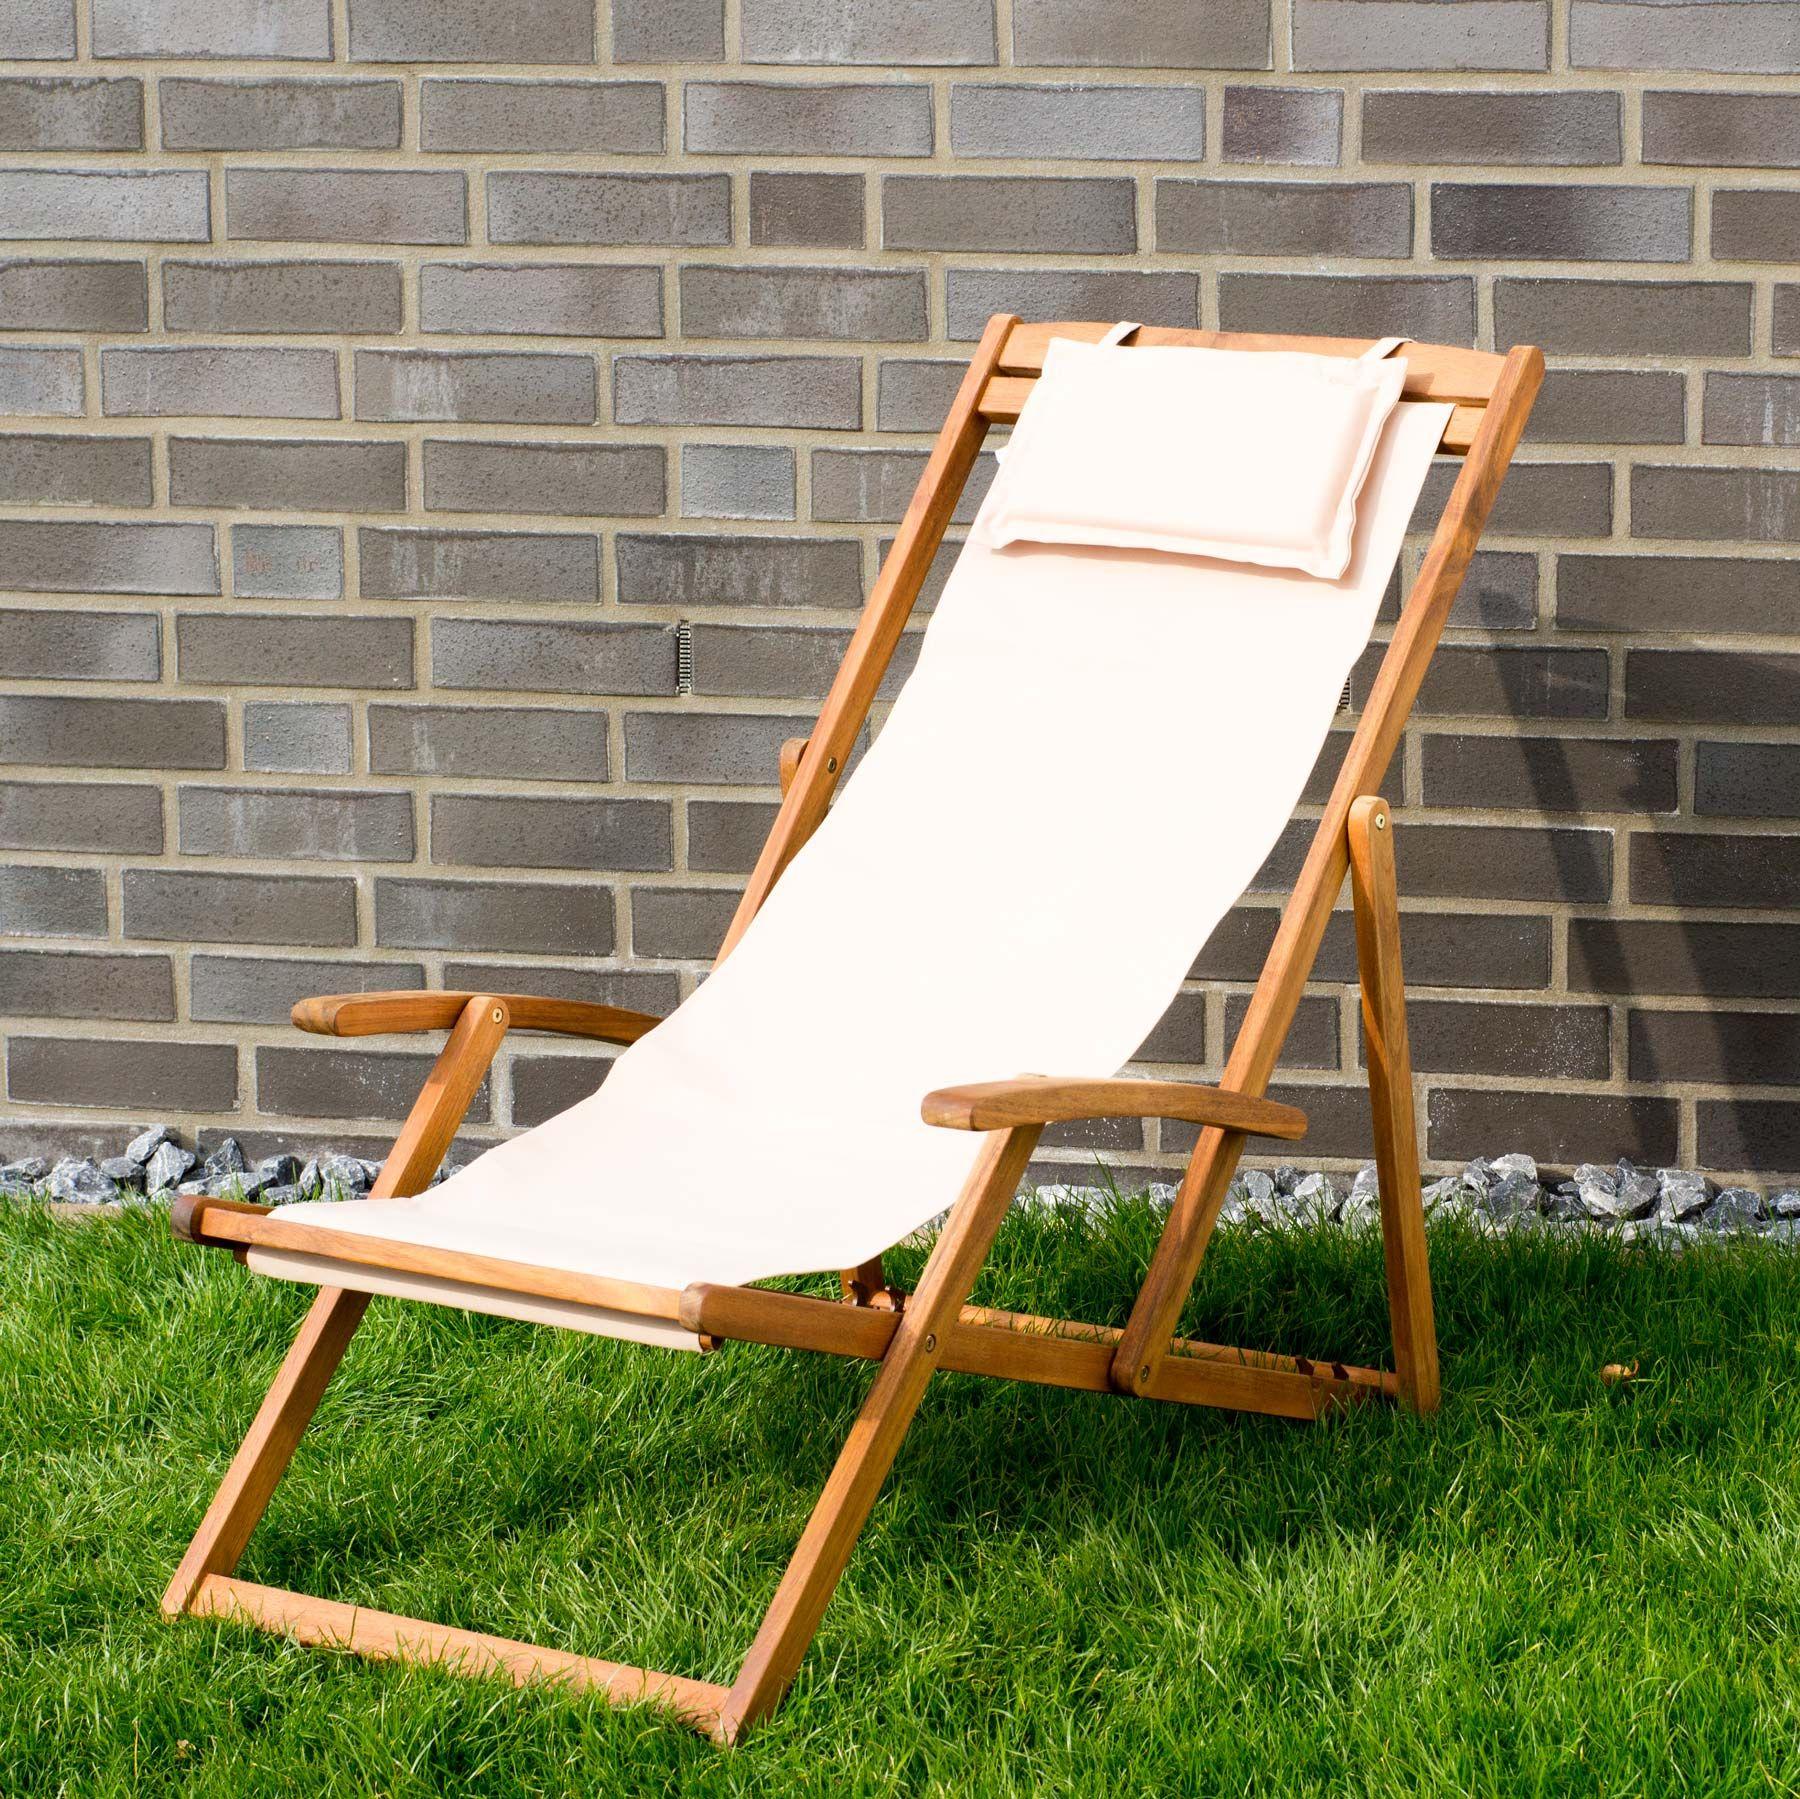 Details Zu Liegestuhl Relaxliege Garten Sonnenliege Strandliege Holz Stoff  4 Versch. Farben